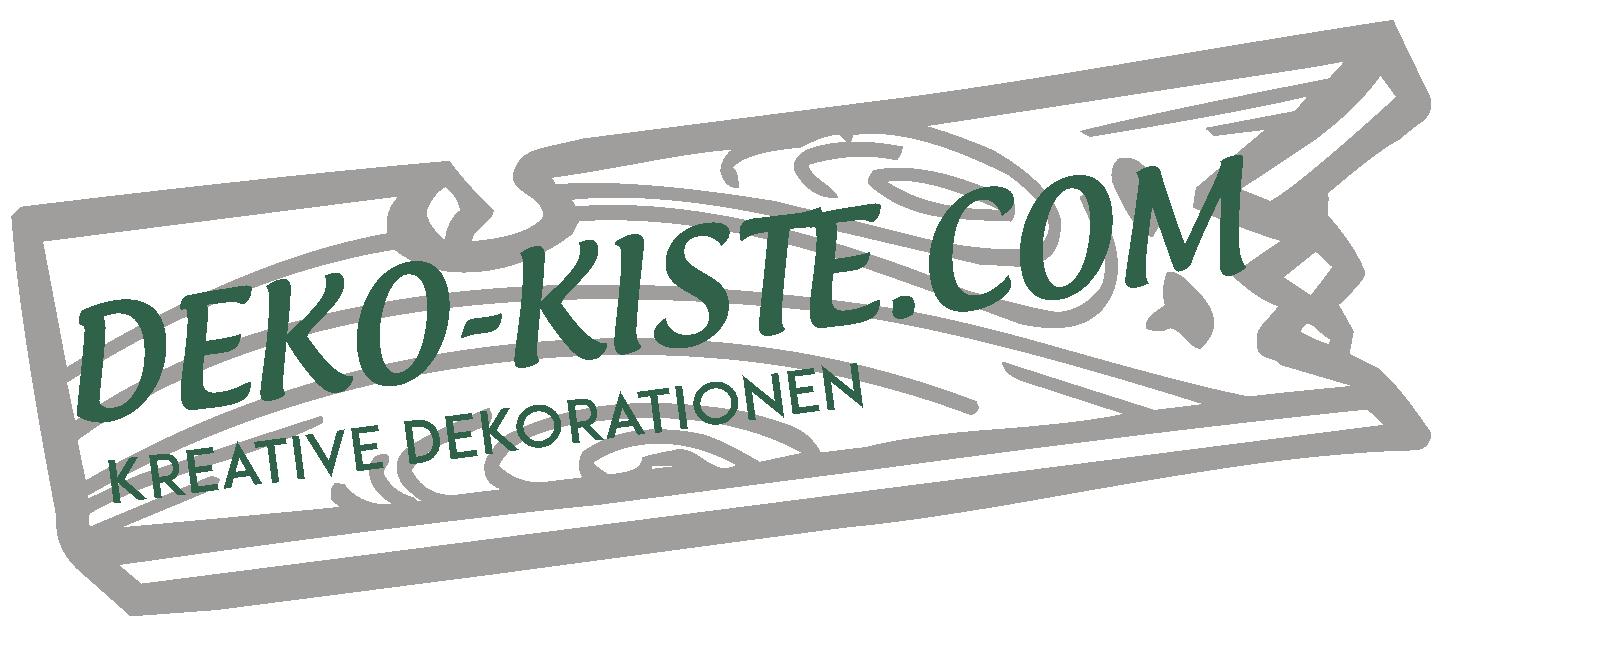 Deko-Kiste.com-Logo